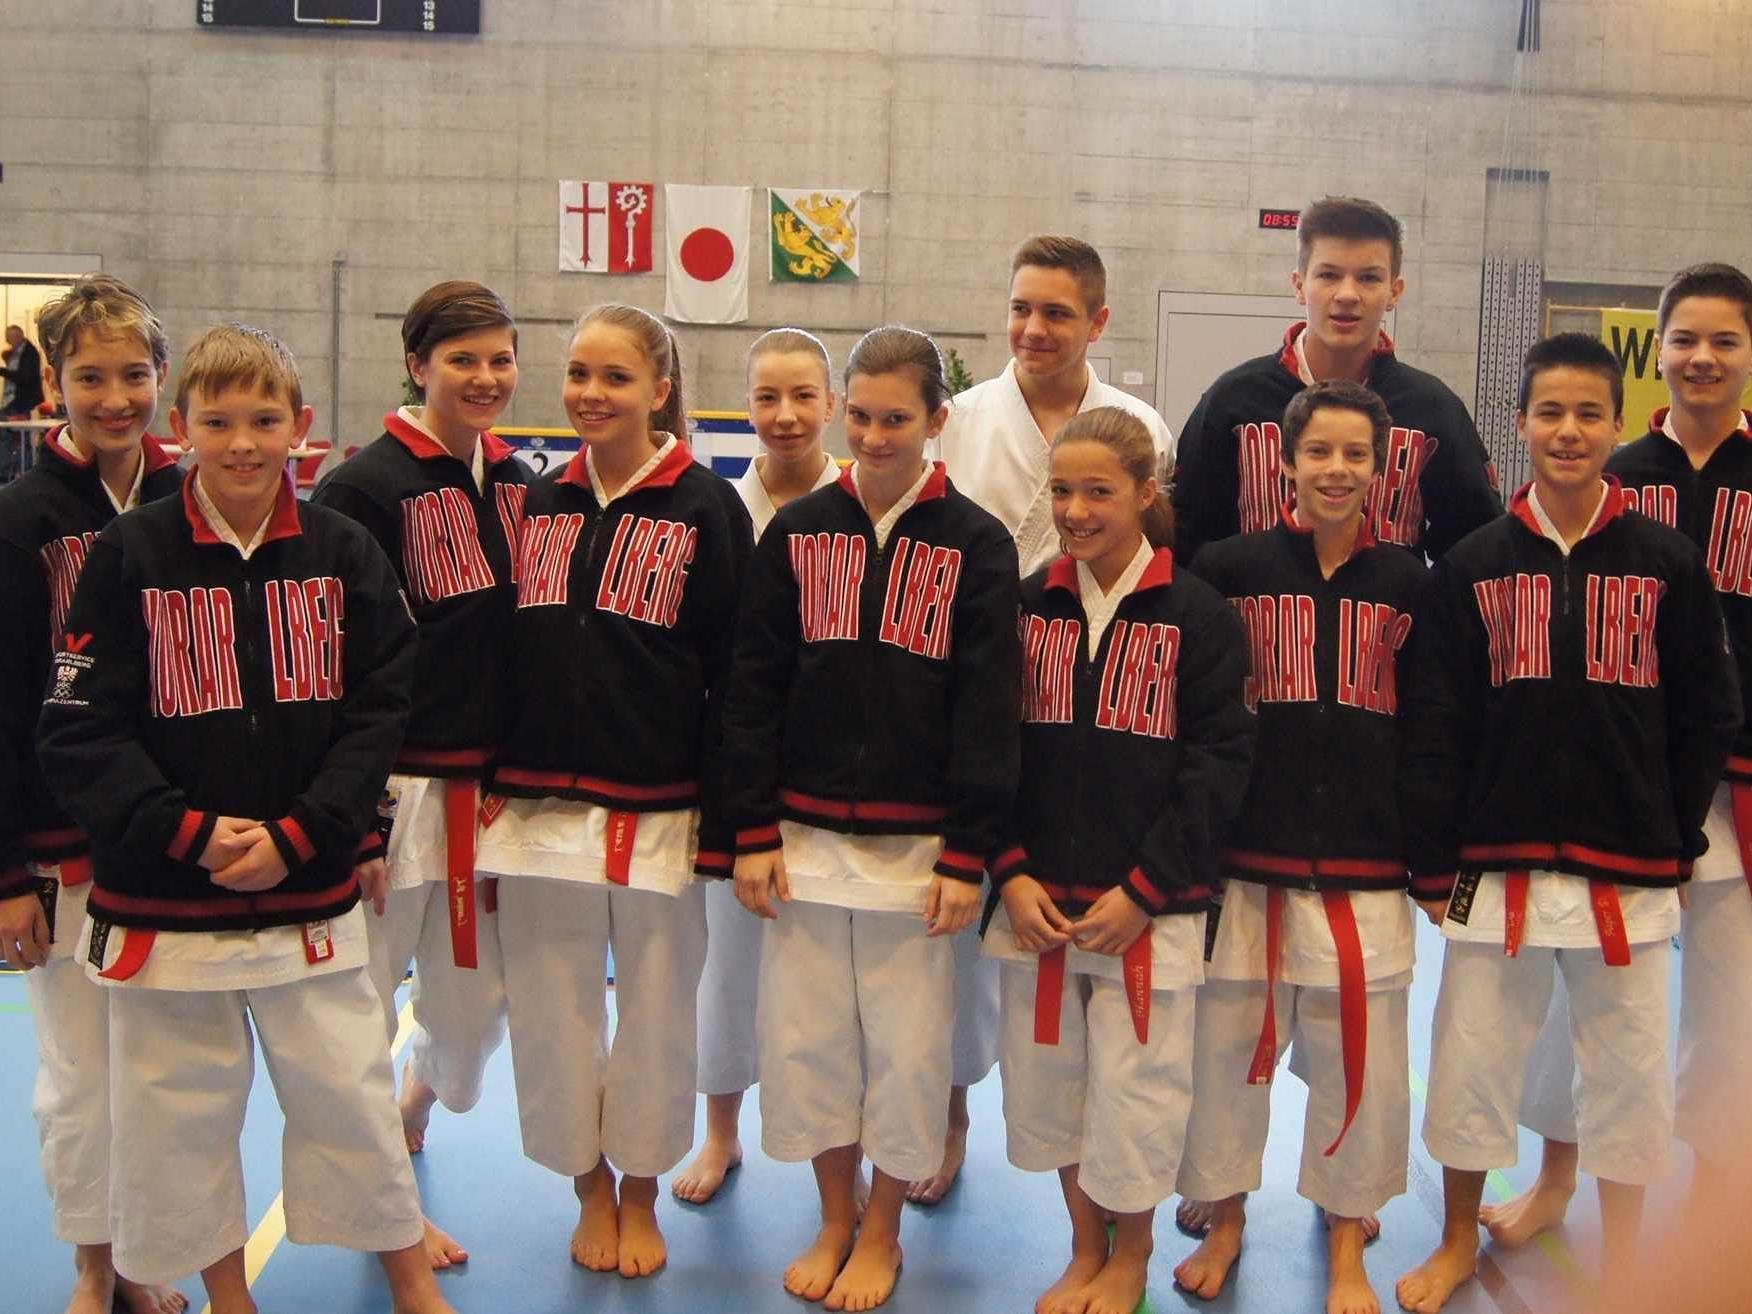 Acht Medaillen holten die hoffnungsvollsten Nachwuchssportler im Karate.